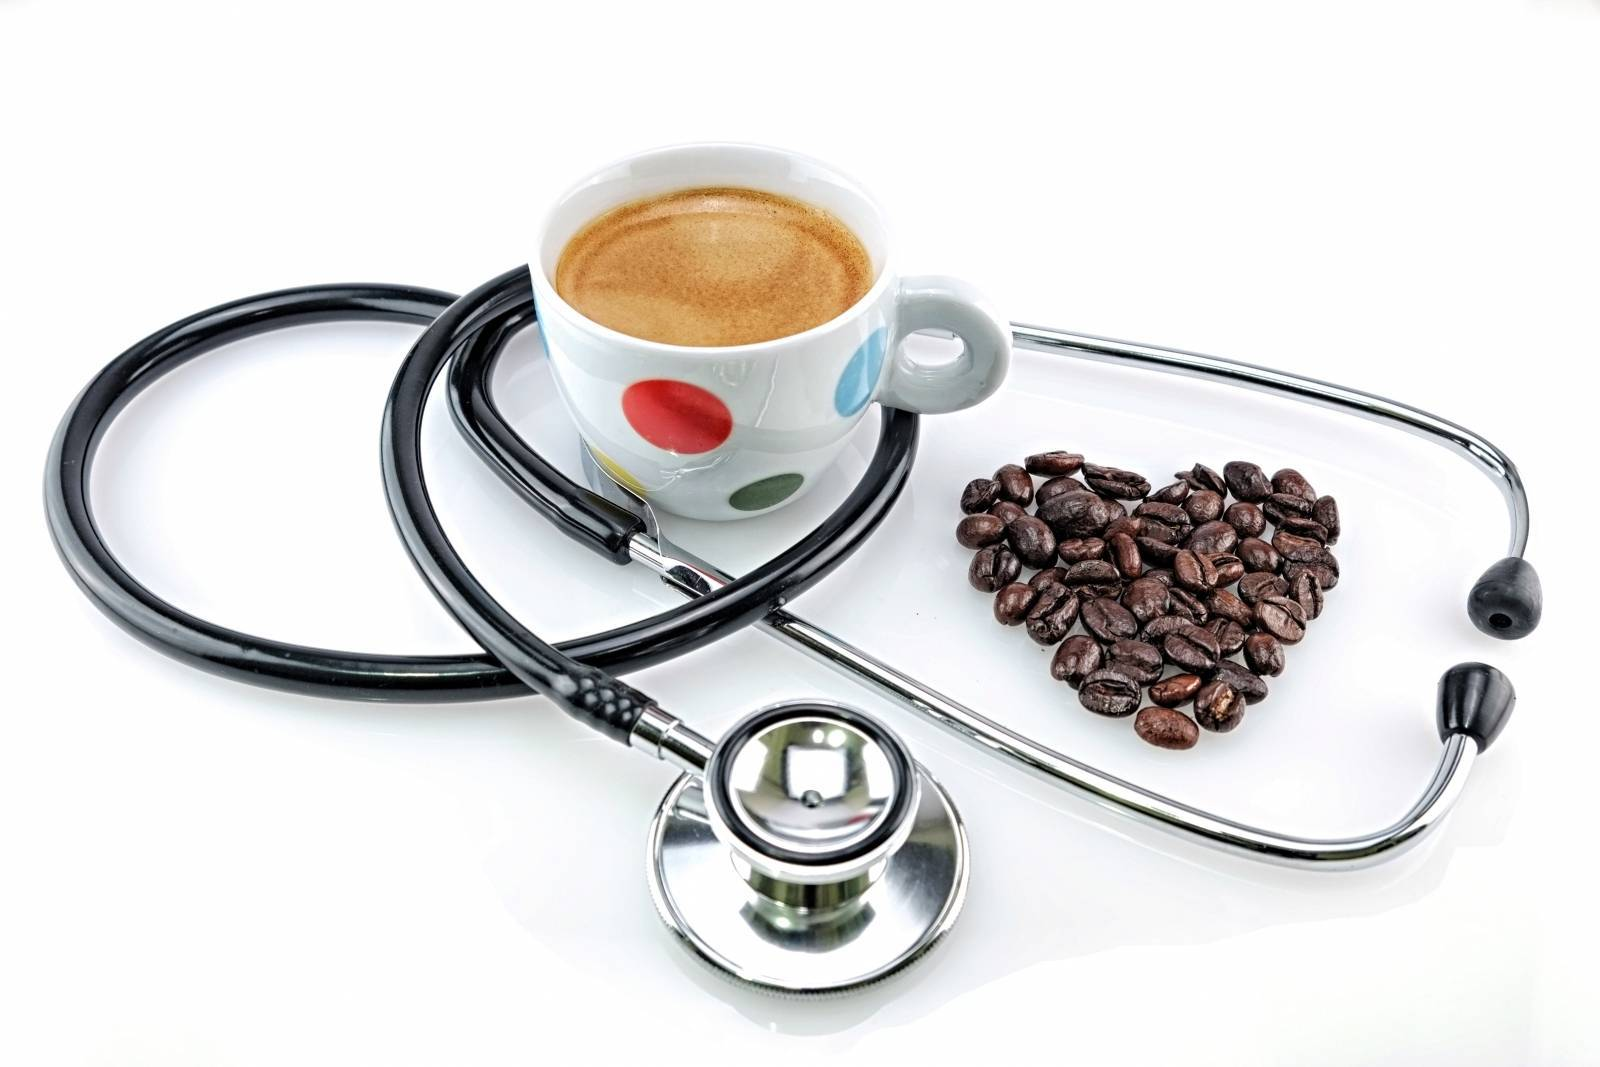 Кофе повышает давление или понижает: при разовом и постоянном употреблении